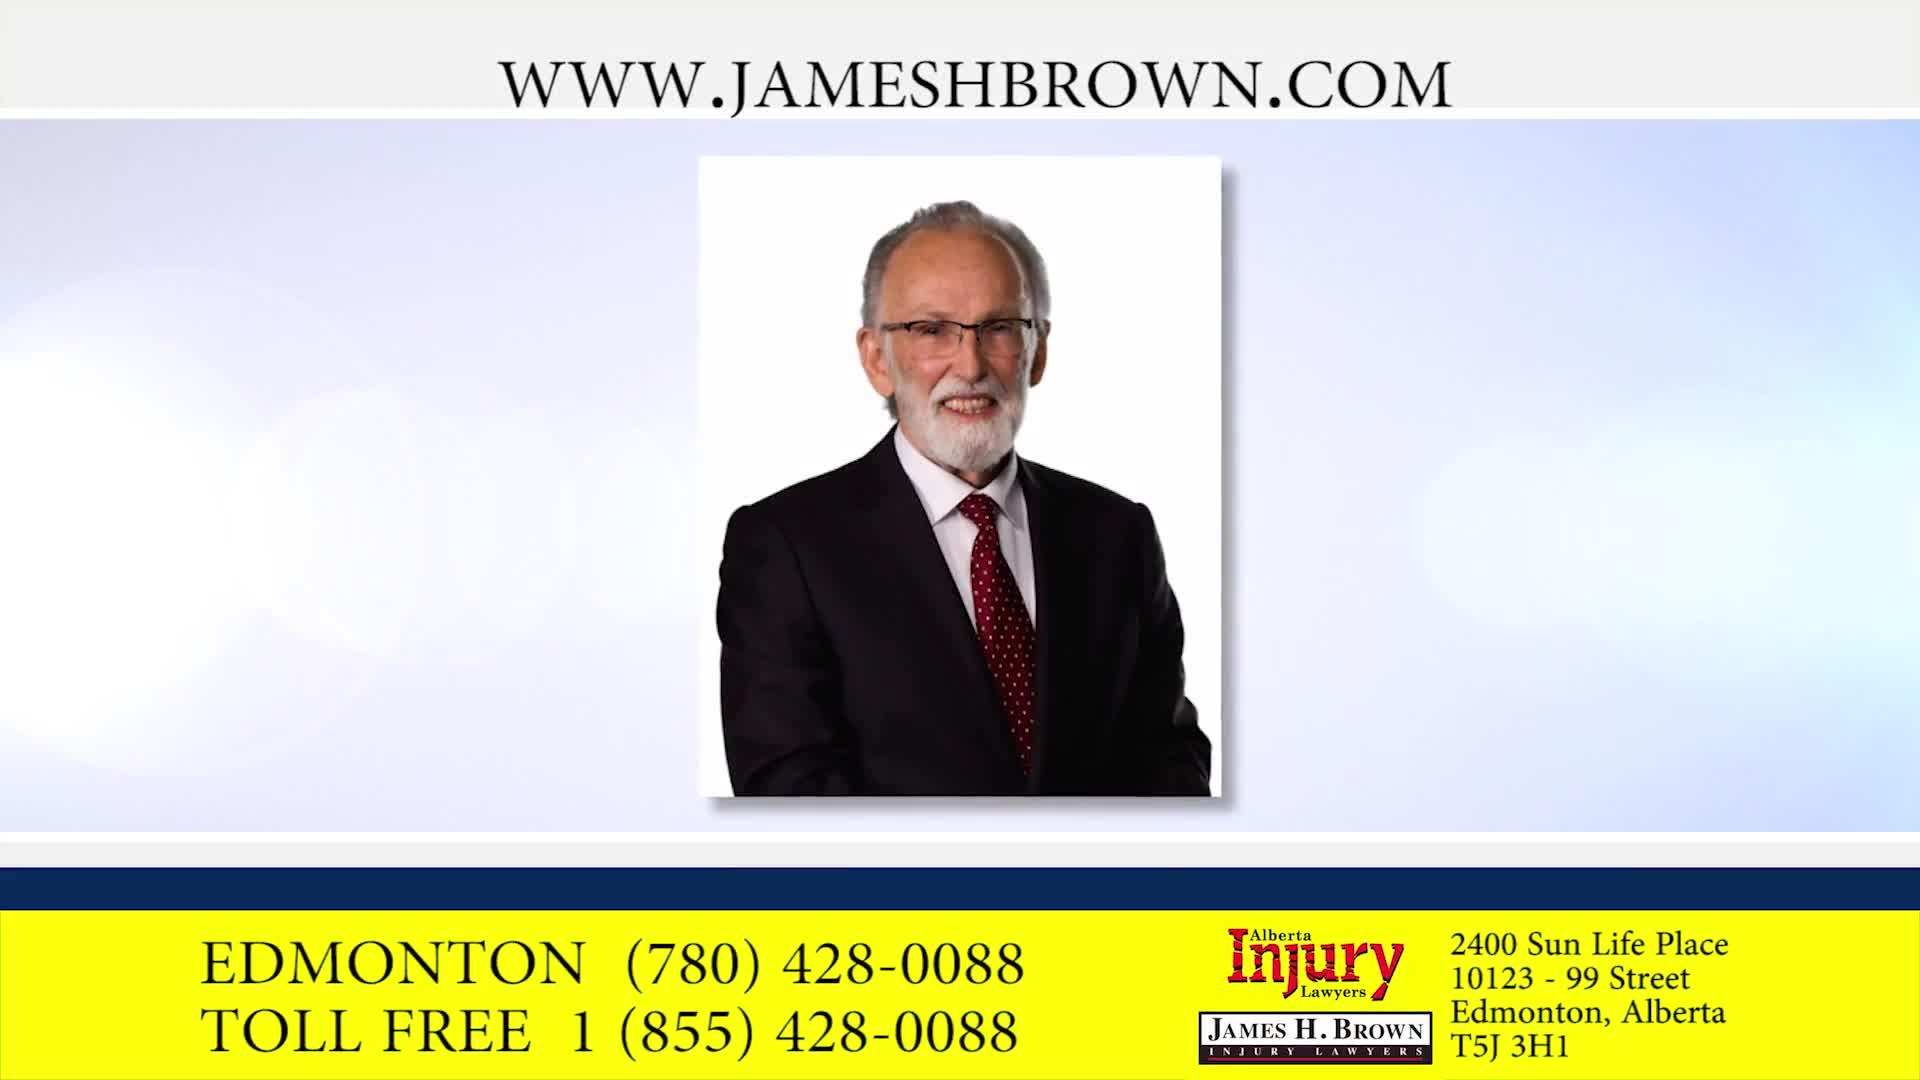 Alberta Injury Lawyers - Personal Injury Lawyers - 1-844-280-7060